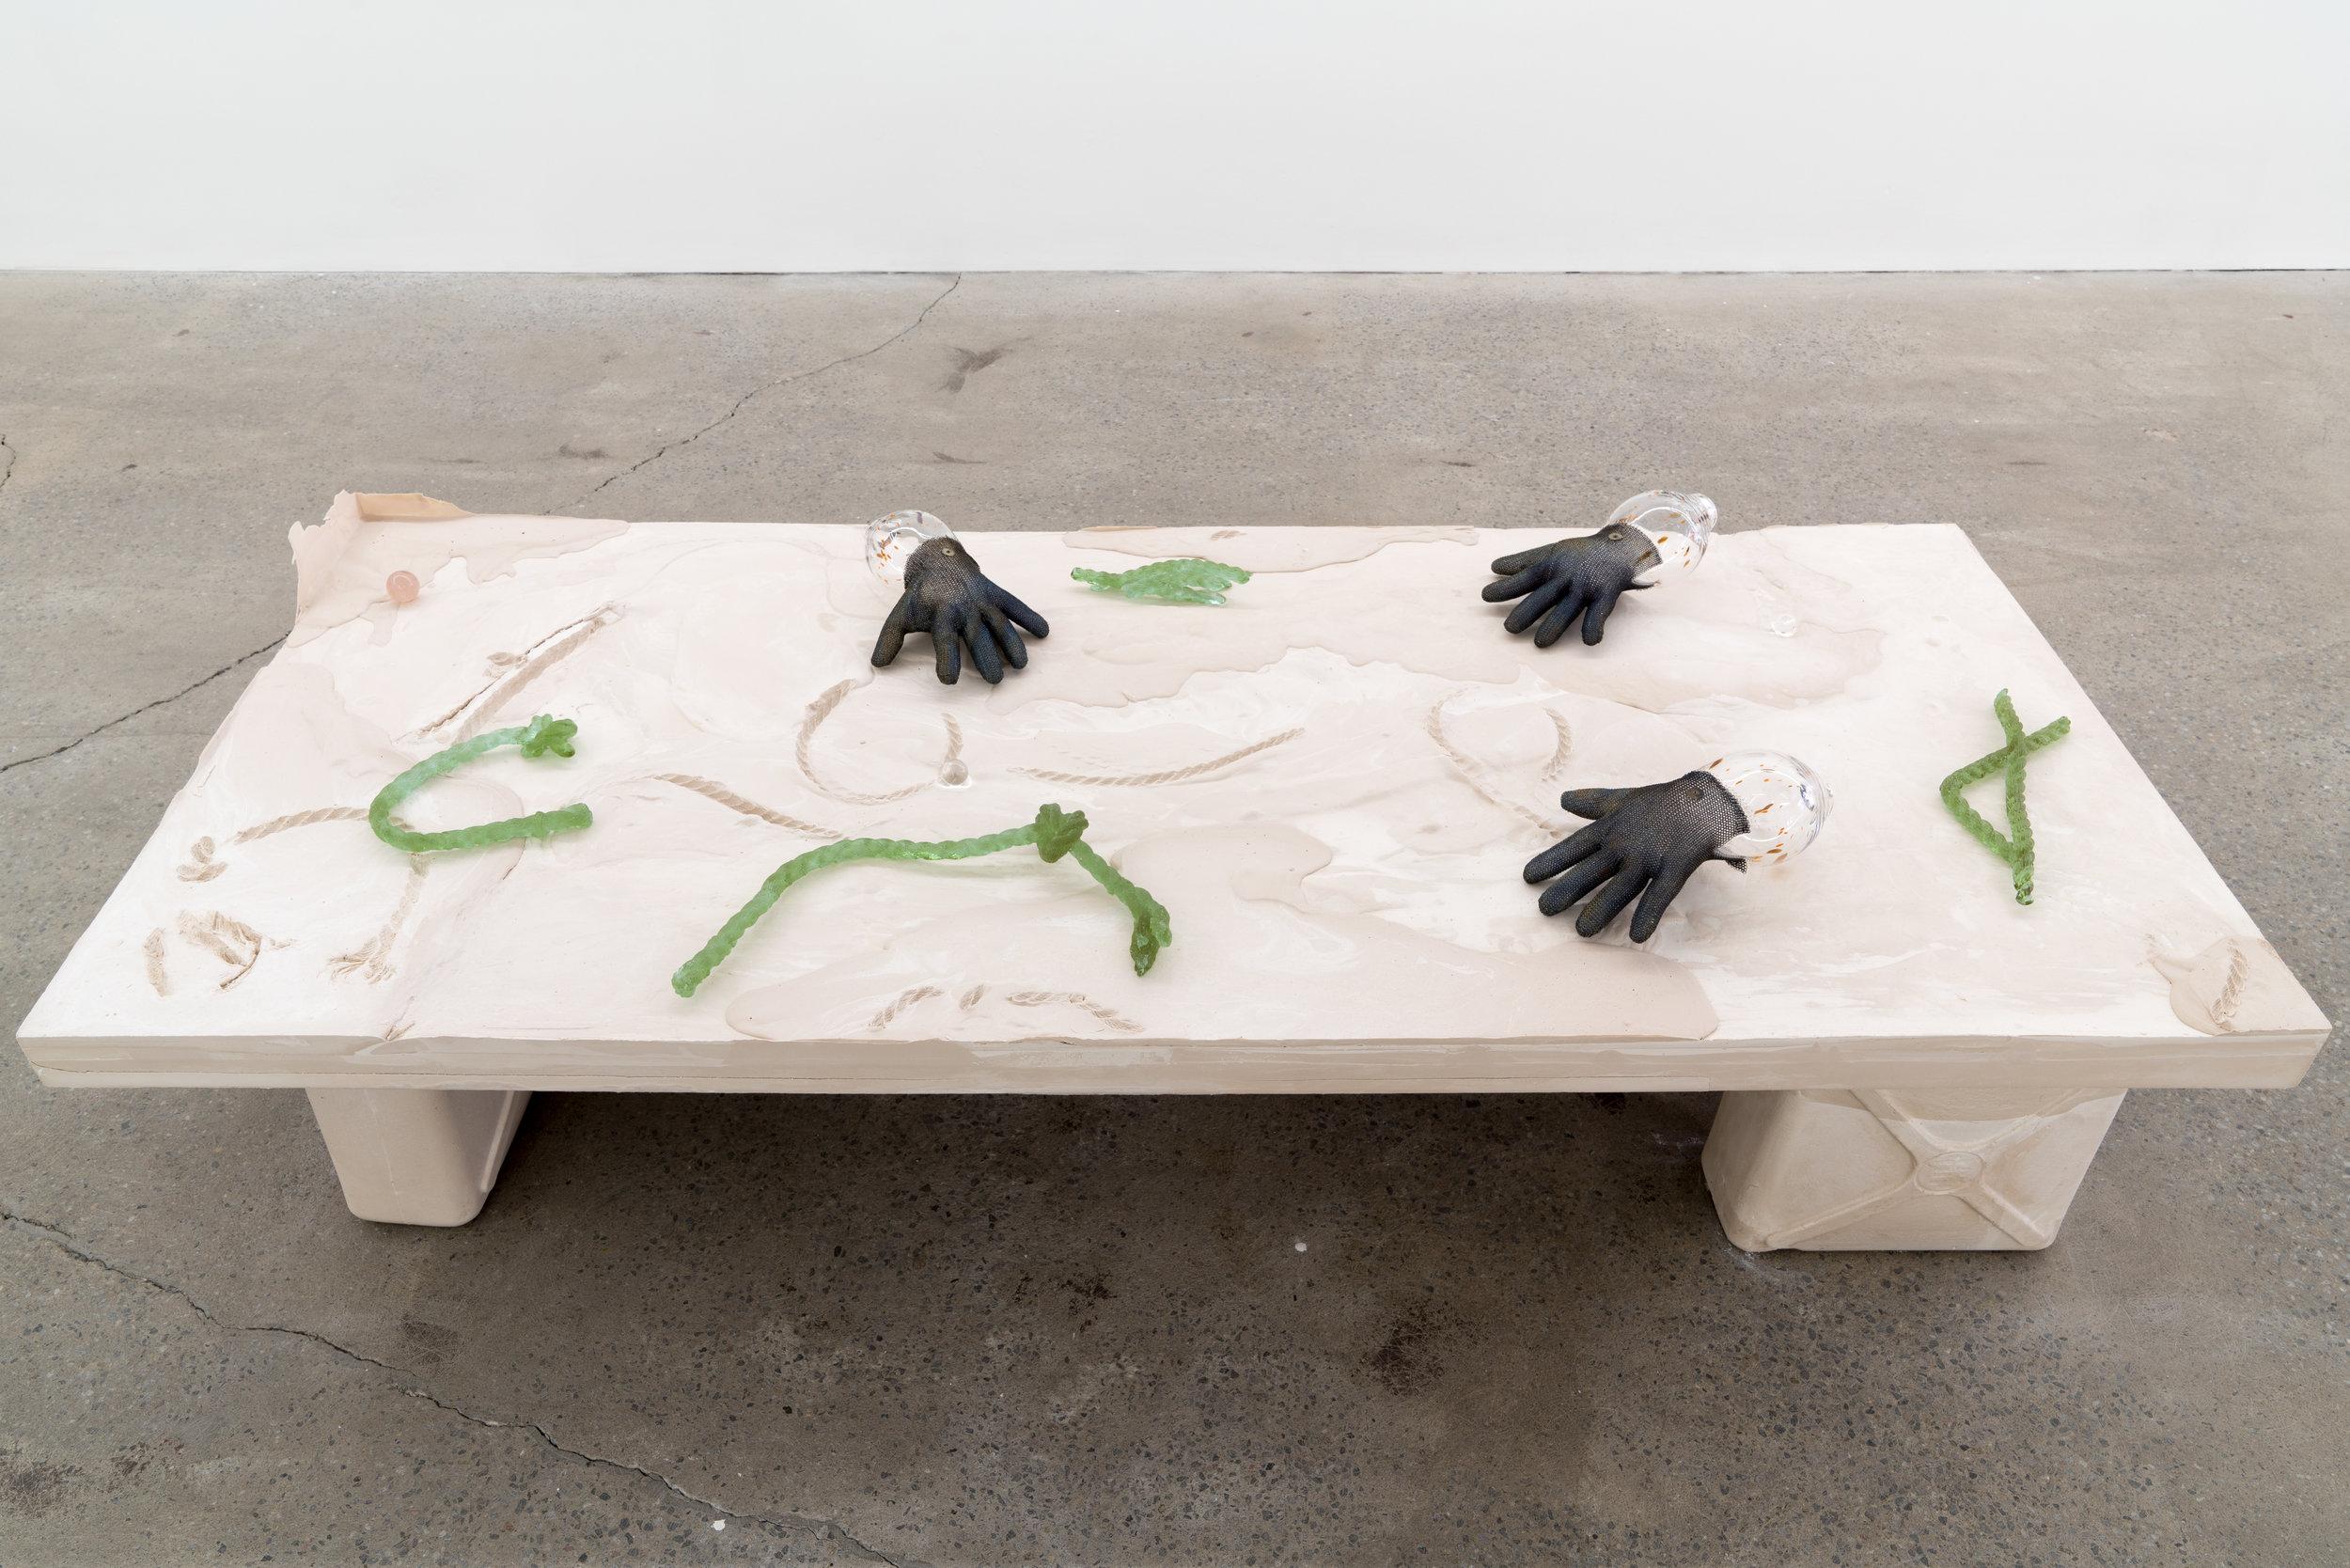 """Lorna Bauer,  The Hand of Mee and the Moonflower no.2, 2018,  verre soufflé, gants de boucher en acier, cristaux de verre dichroïque moulés, sphère de cristal, plâtre, bois, 51 x 91 x 213 cm (20"""" x 36"""" x 84"""")"""